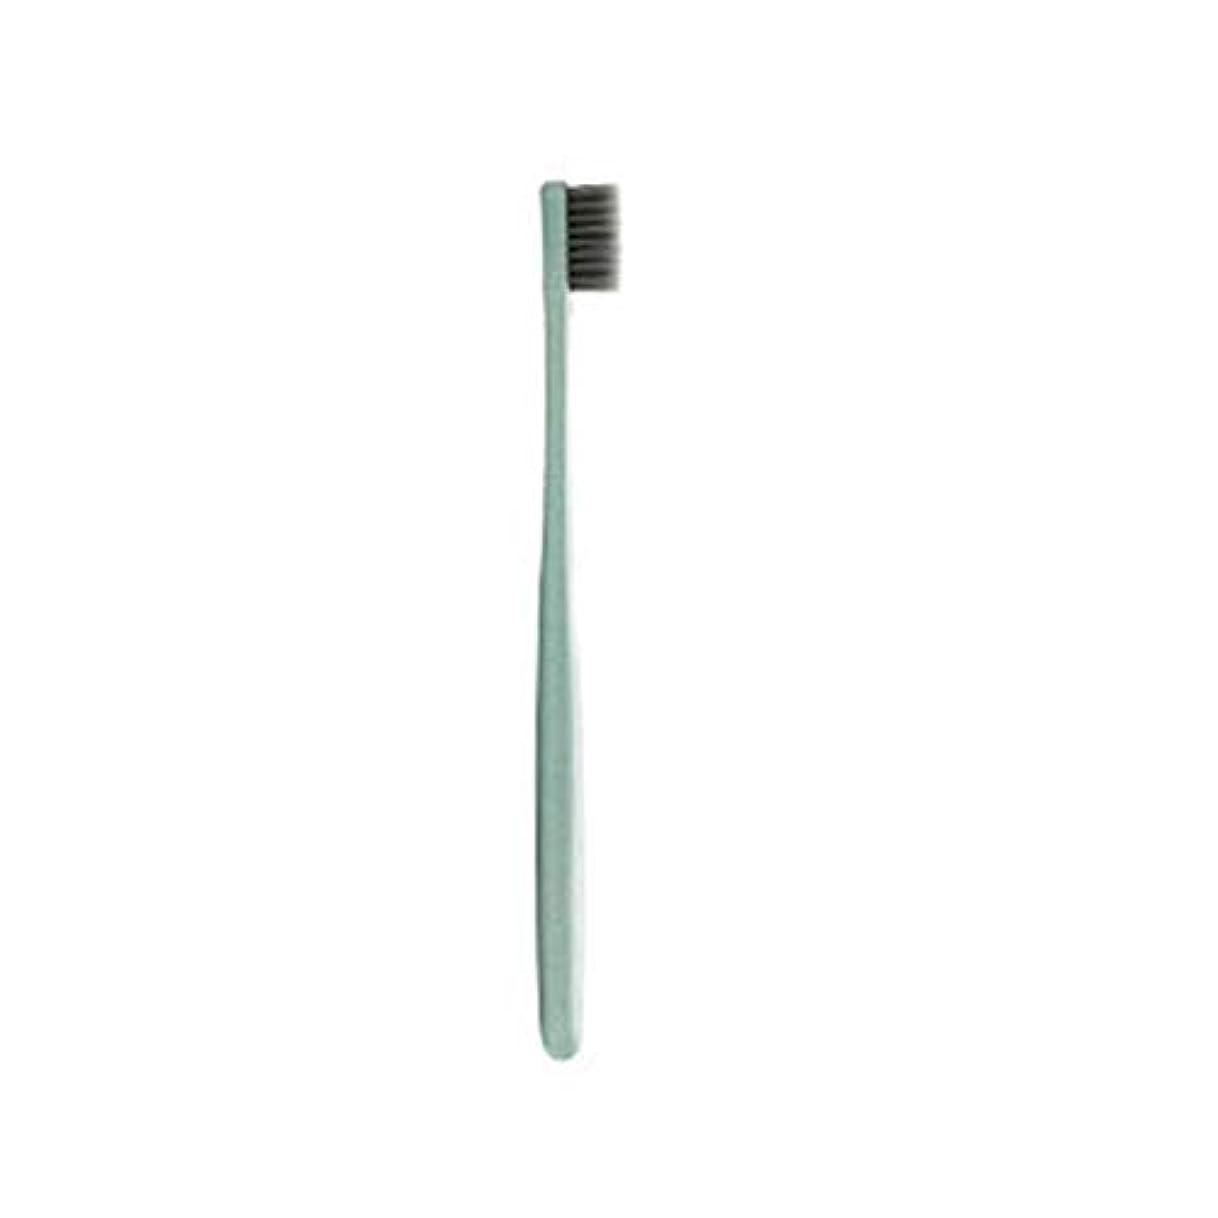 いつもちっちゃい葉K-666小麦わらの歯ブラシ歯のクリーニングブラシ竹炭毛ブラシ環境に優しいブラシ歯のケア - ピンク